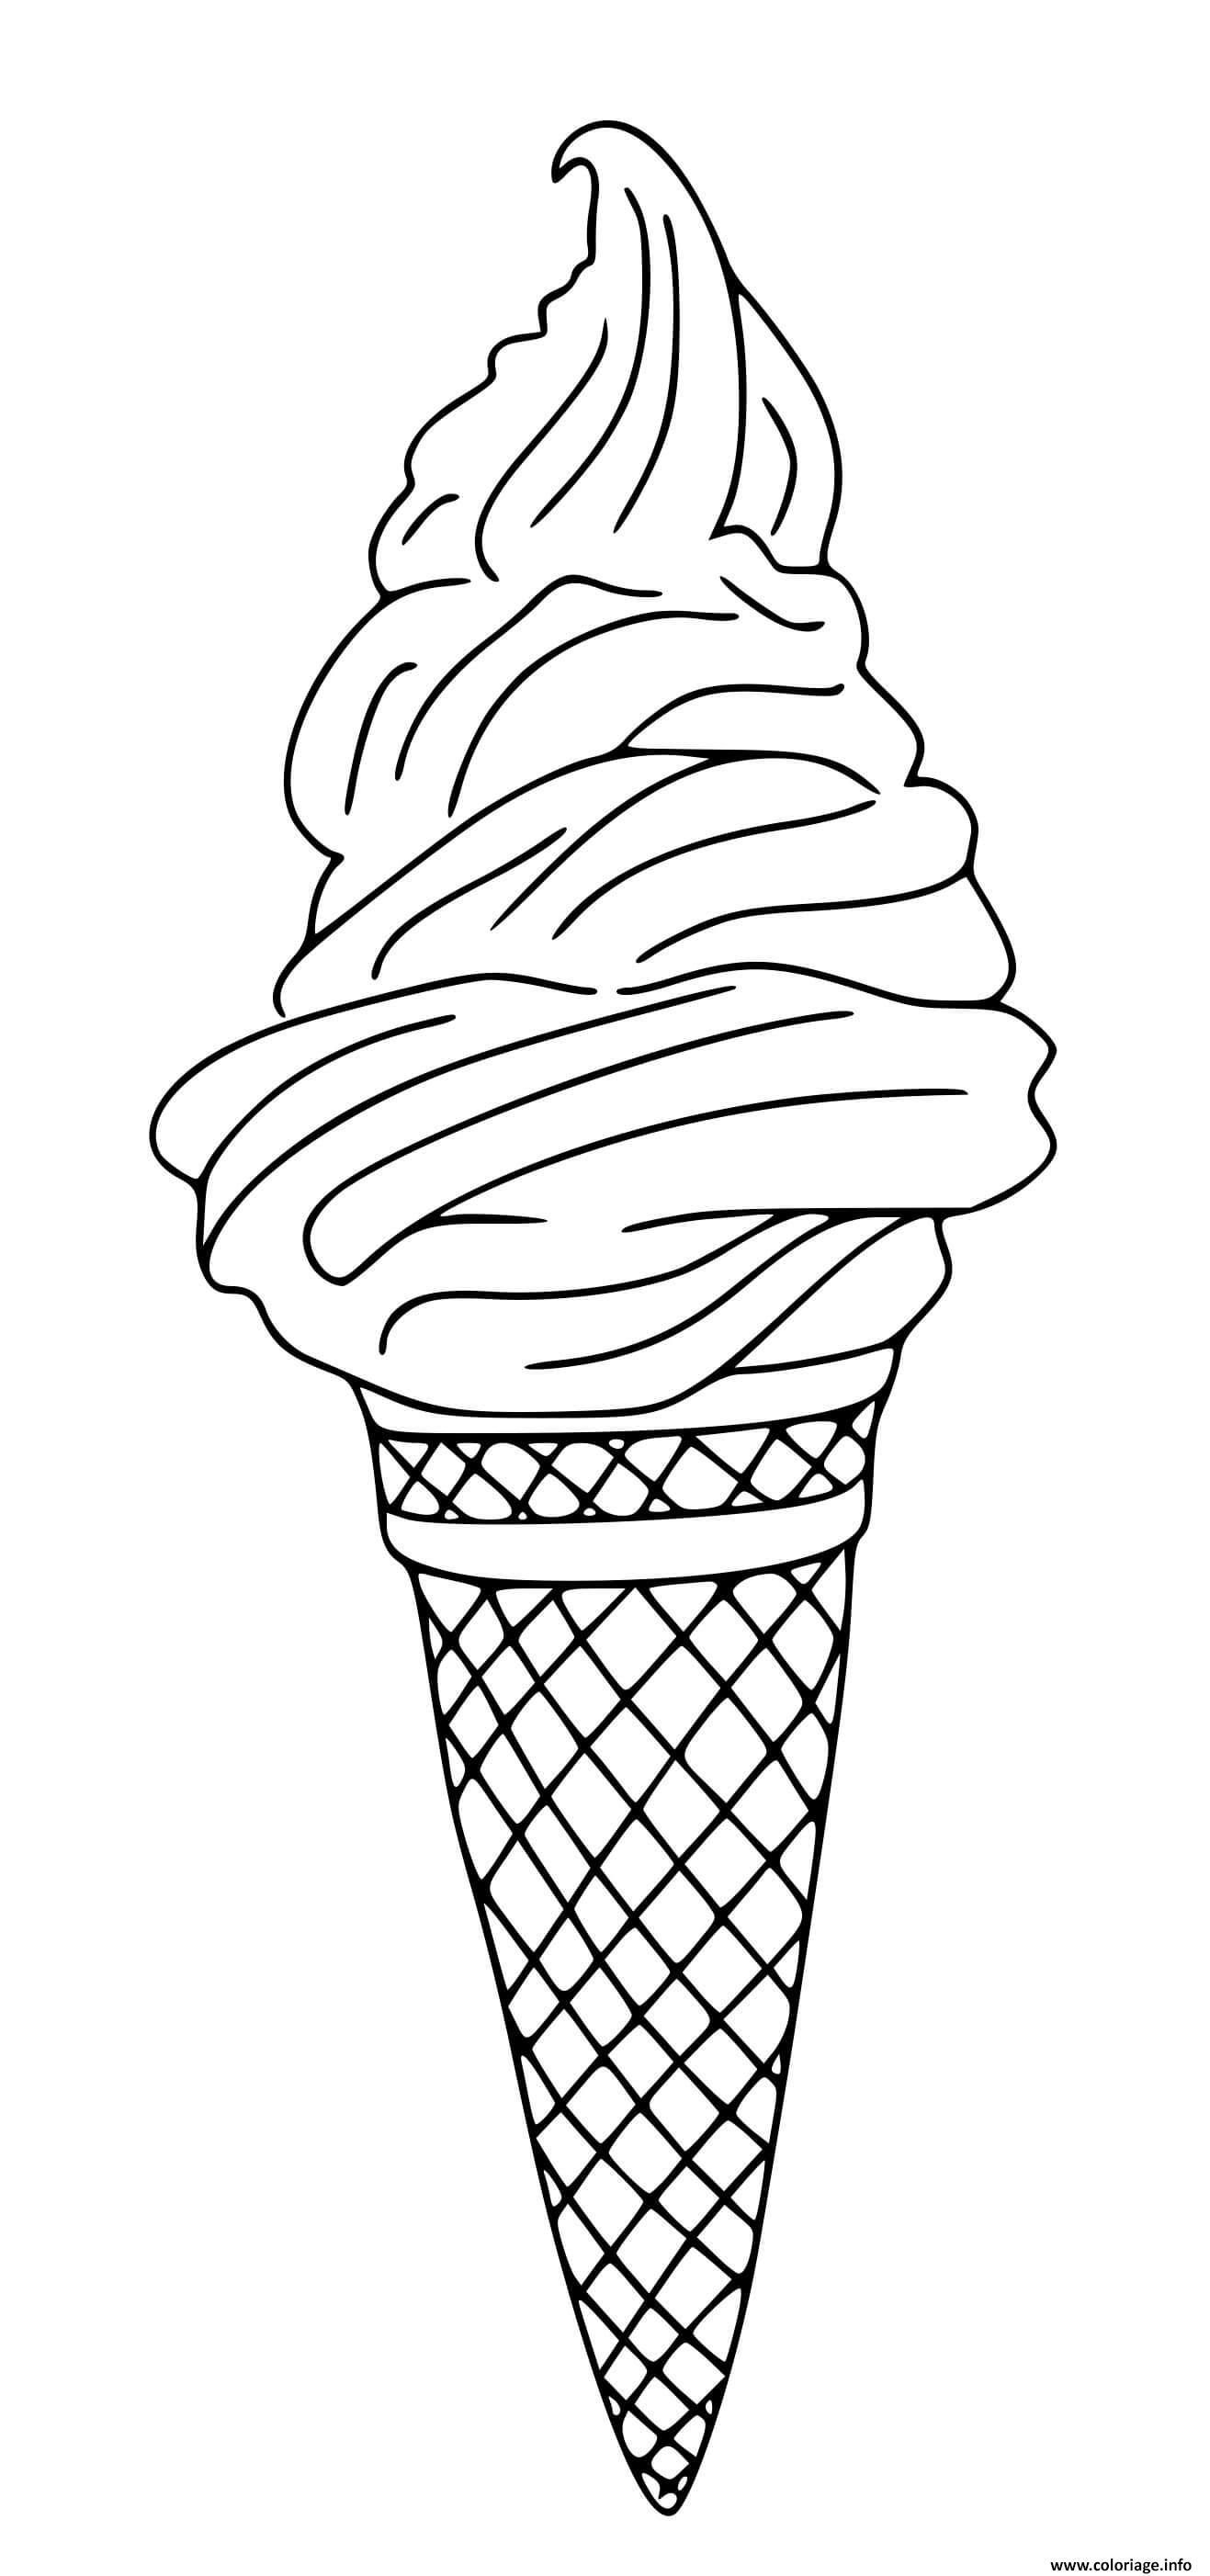 Dessin cornet de creme glace Coloriage Gratuit à Imprimer